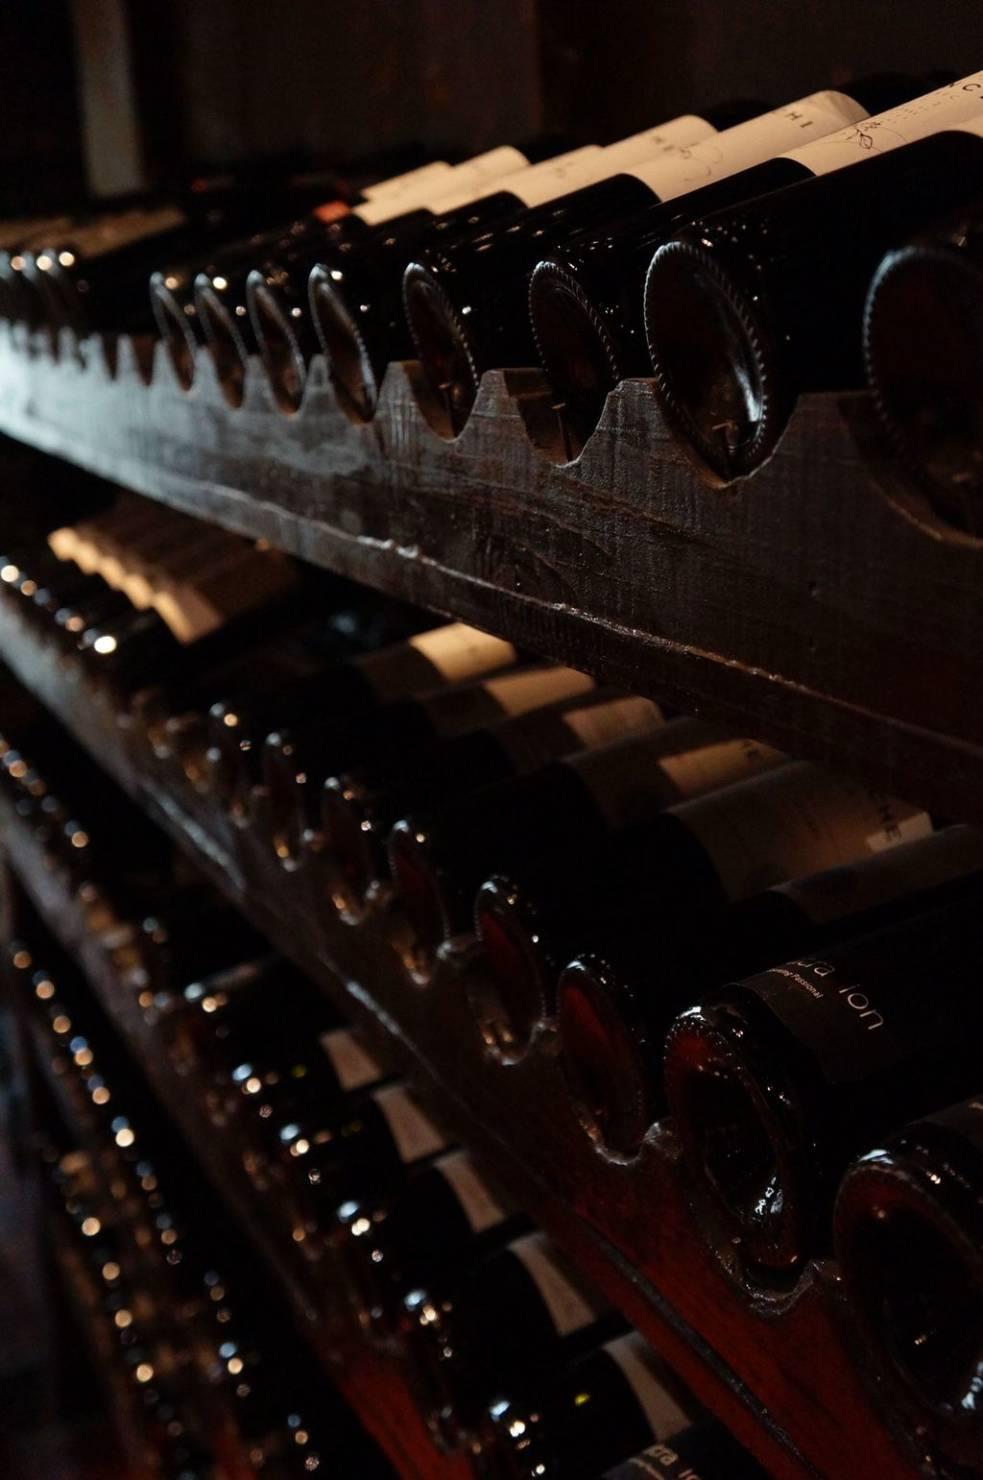 шампанское, шампань, игристое, виноградник, французское вино, ремюаж, ремюажный стол